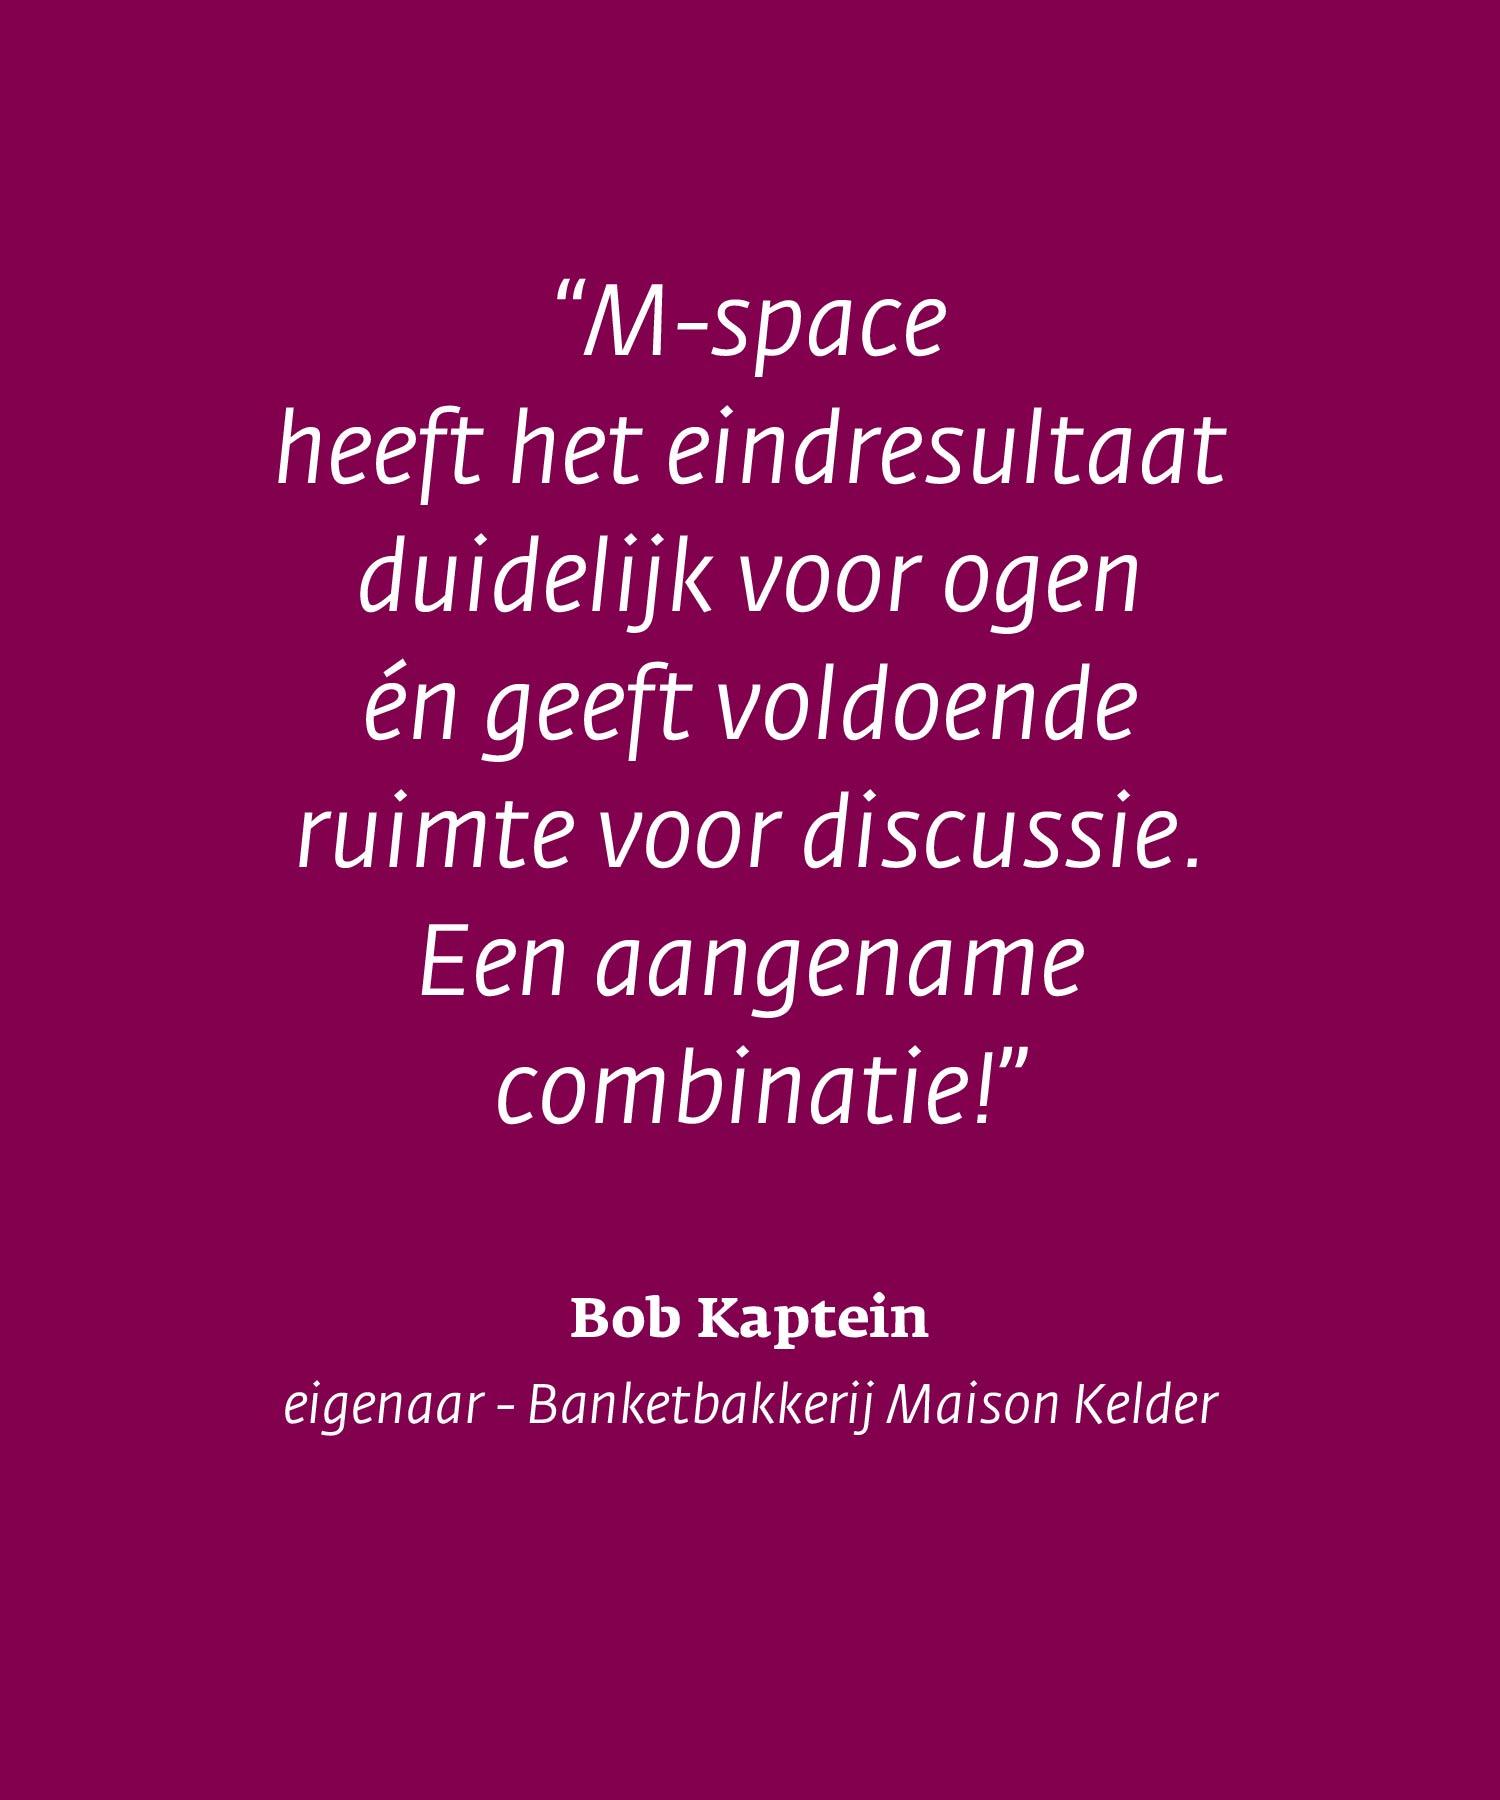 Maison Kelder quote Bob Kaptein